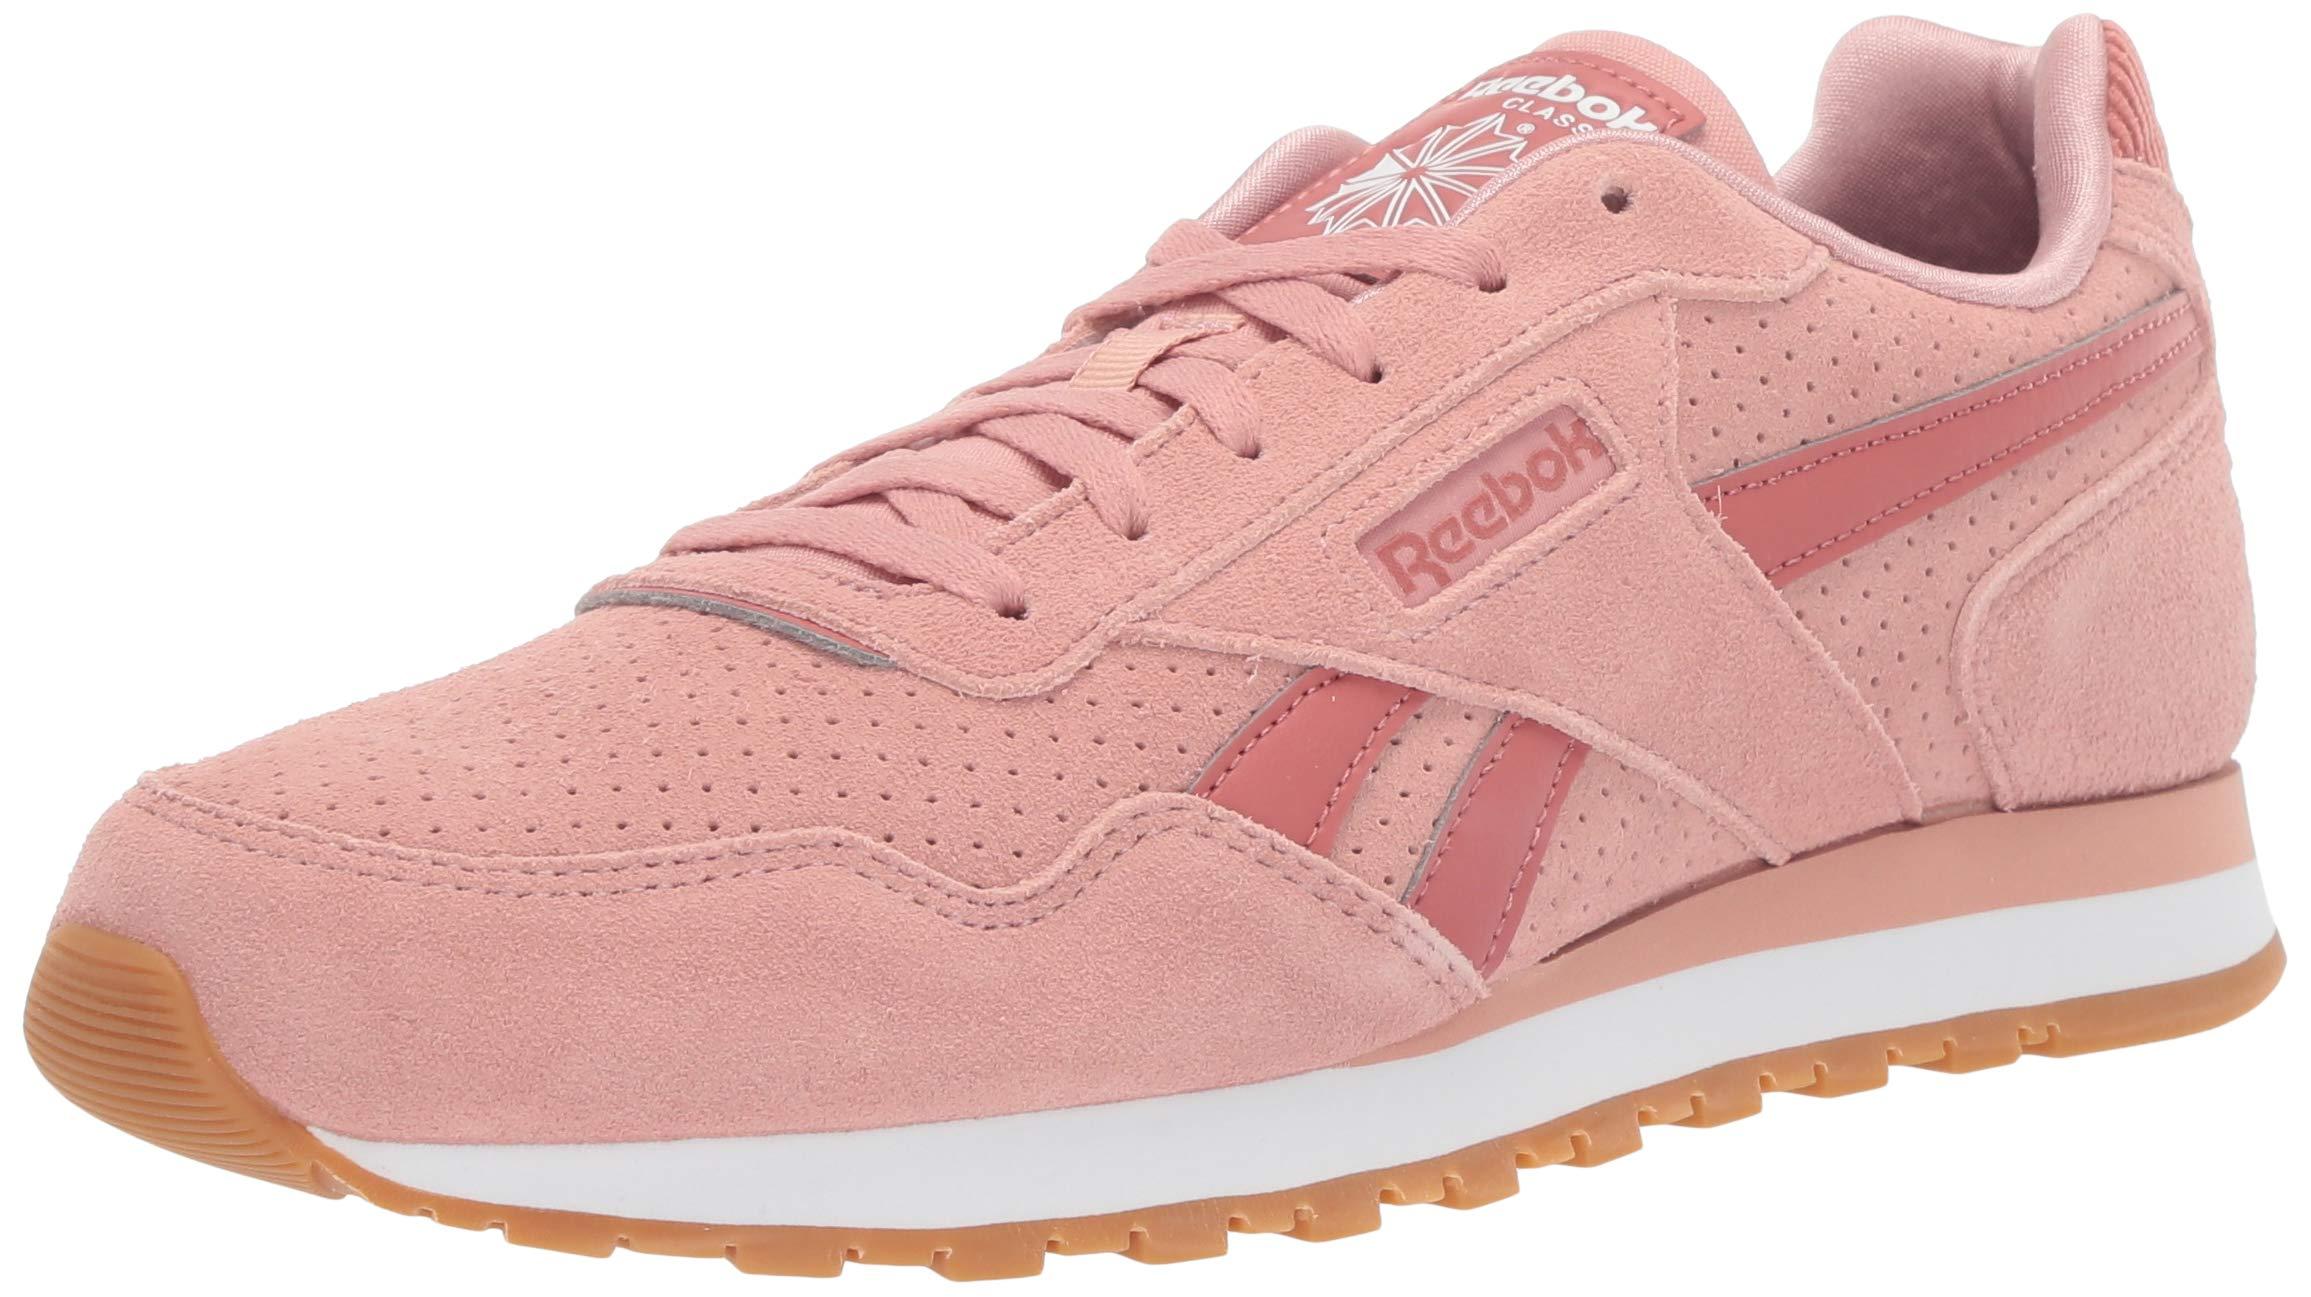 ویکالا · خرید  اصل اورجینال · خرید از آمازون · Reebok Women's Classic Harman Run Sneaker, Chalk Pink/Baked Clay/sea/White/Gum, 8 M US wekala · ویکالا